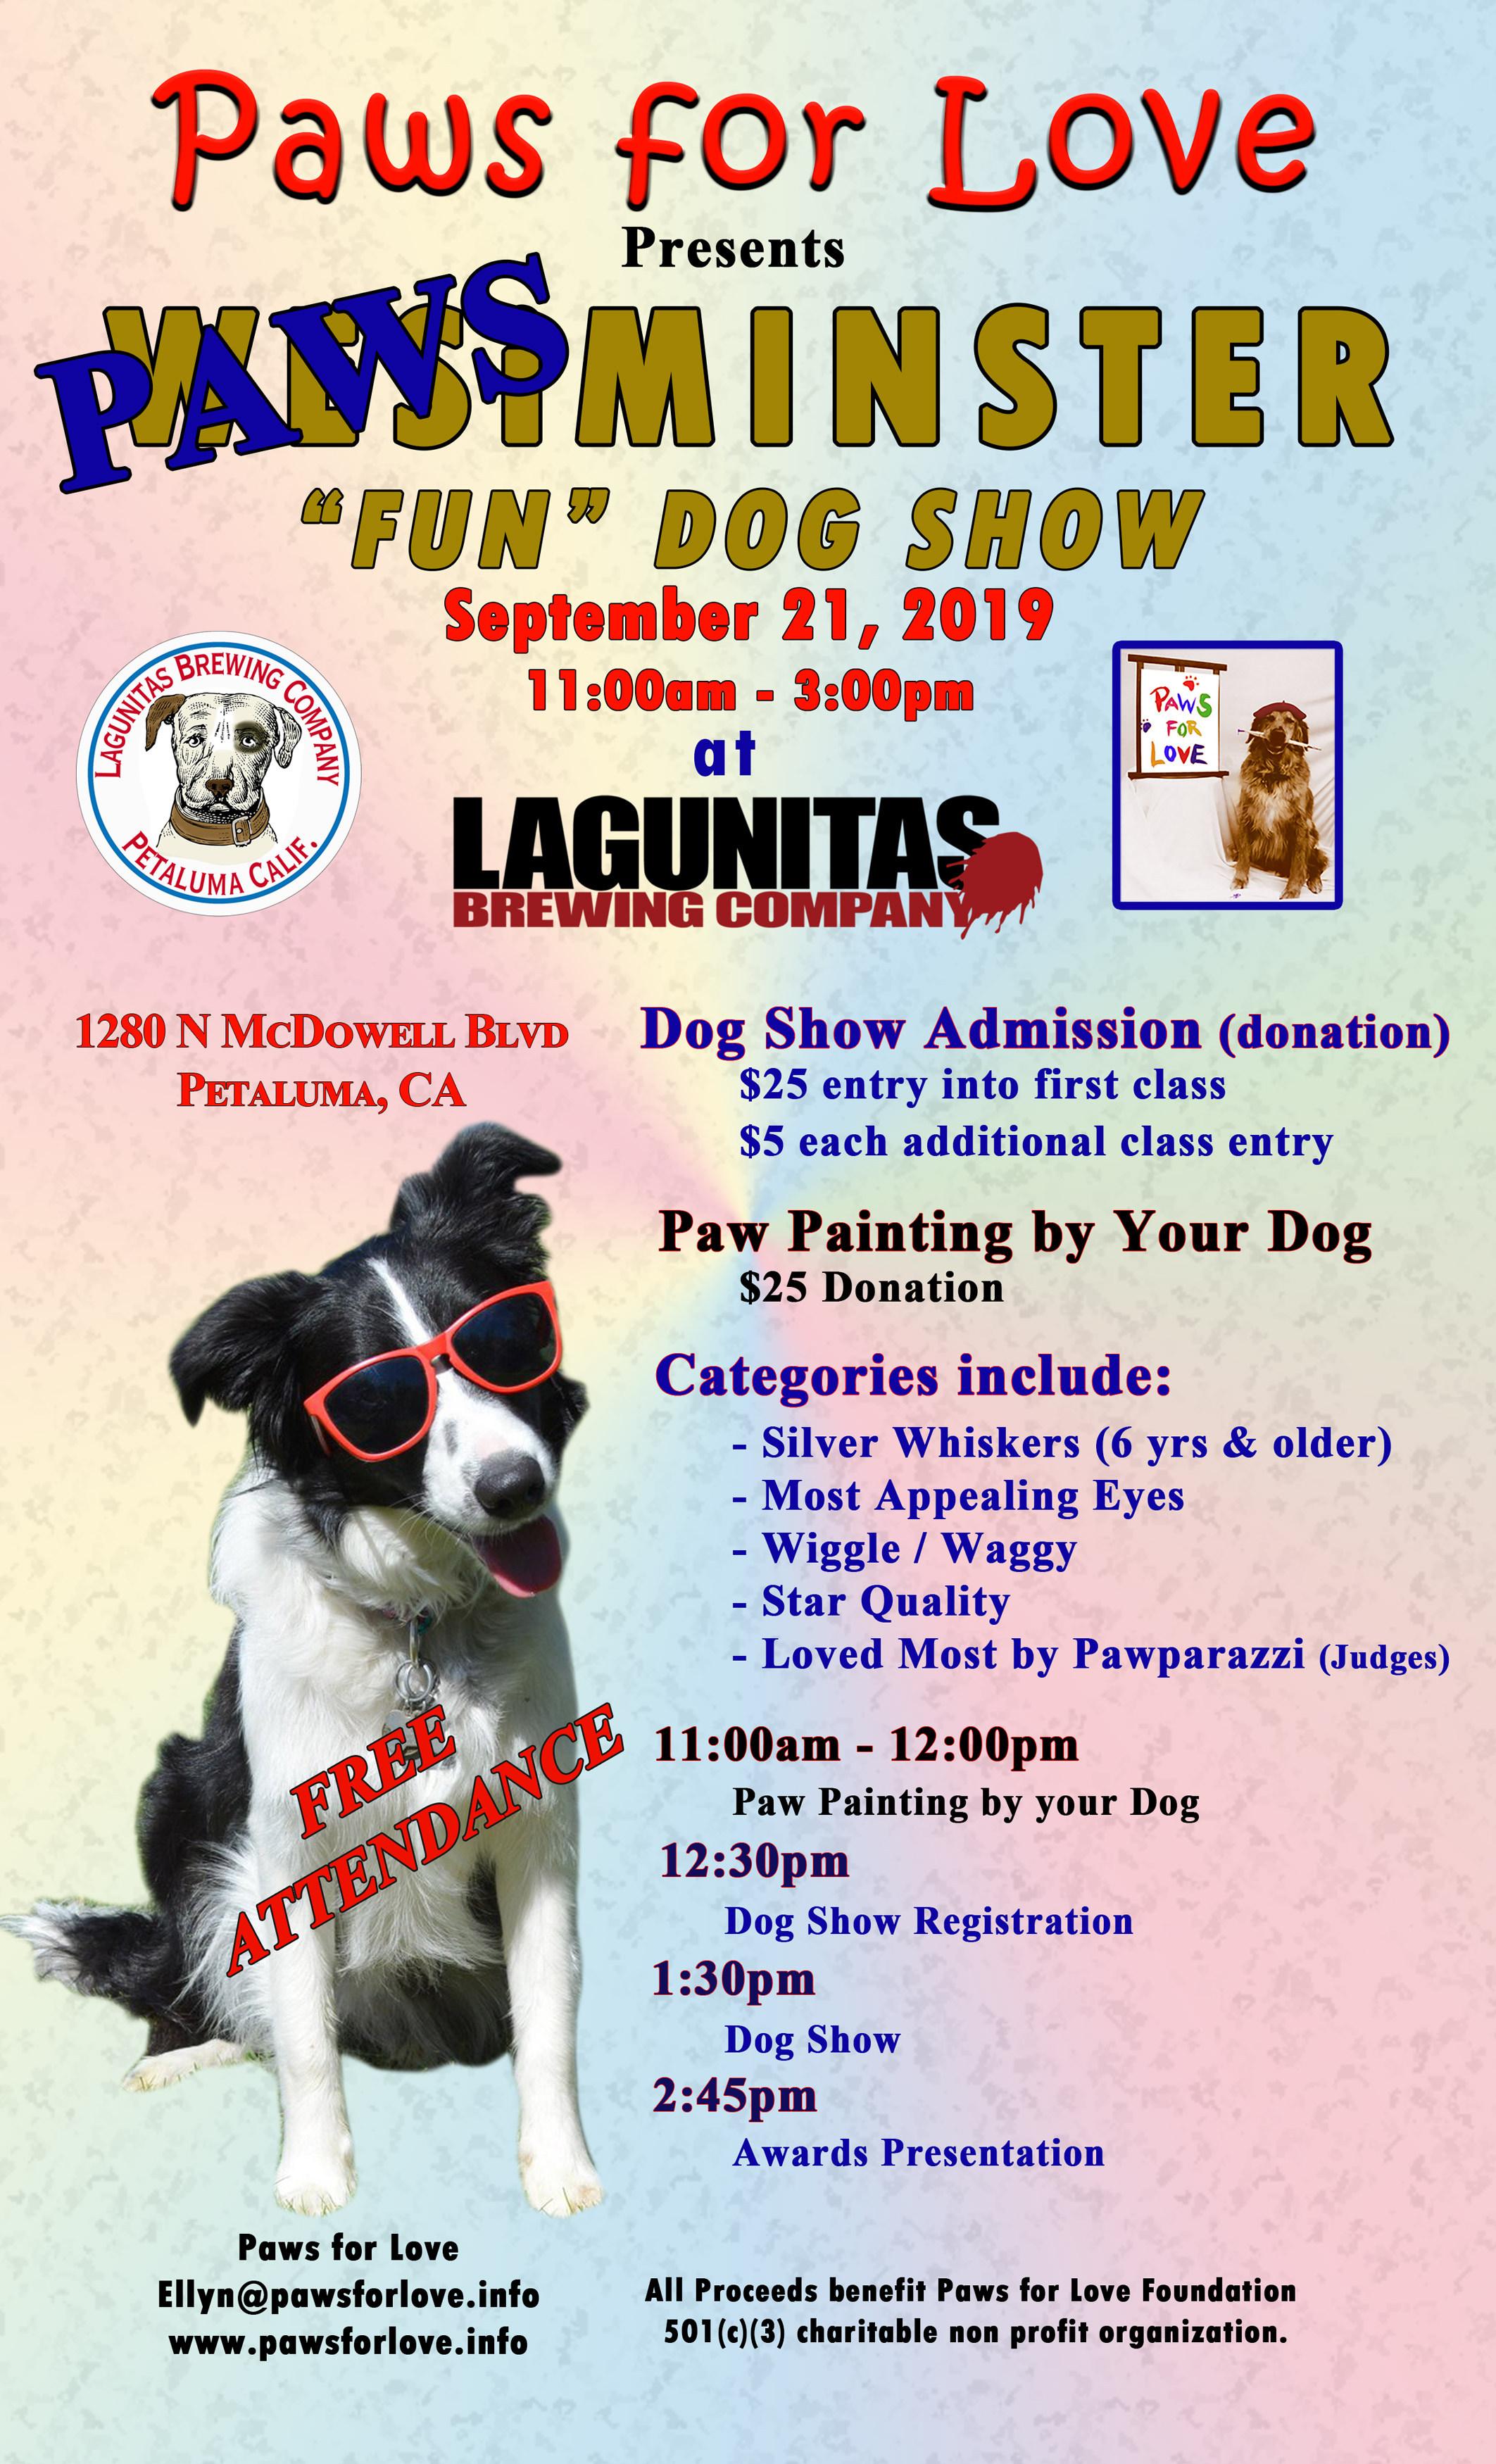 Lagunitas - Pawsminster flyer 2019.jpg